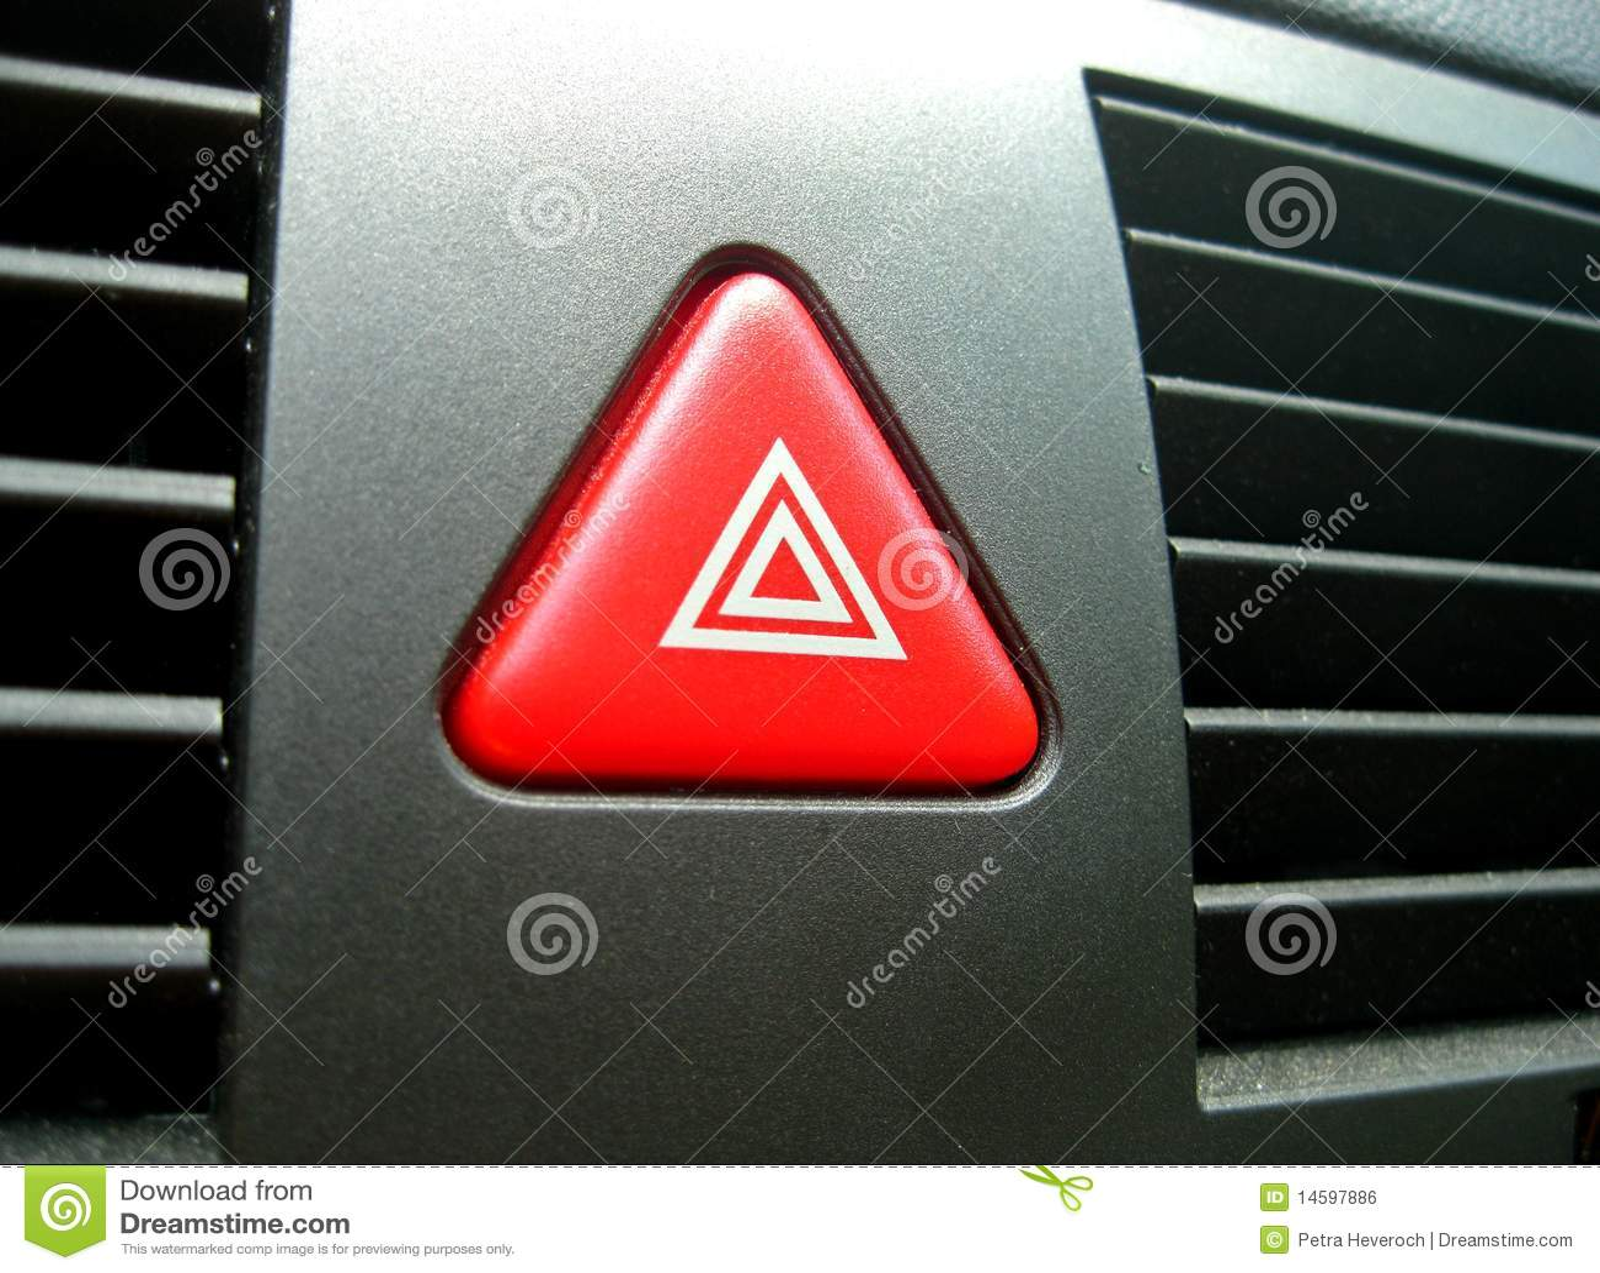 Hazard flasher